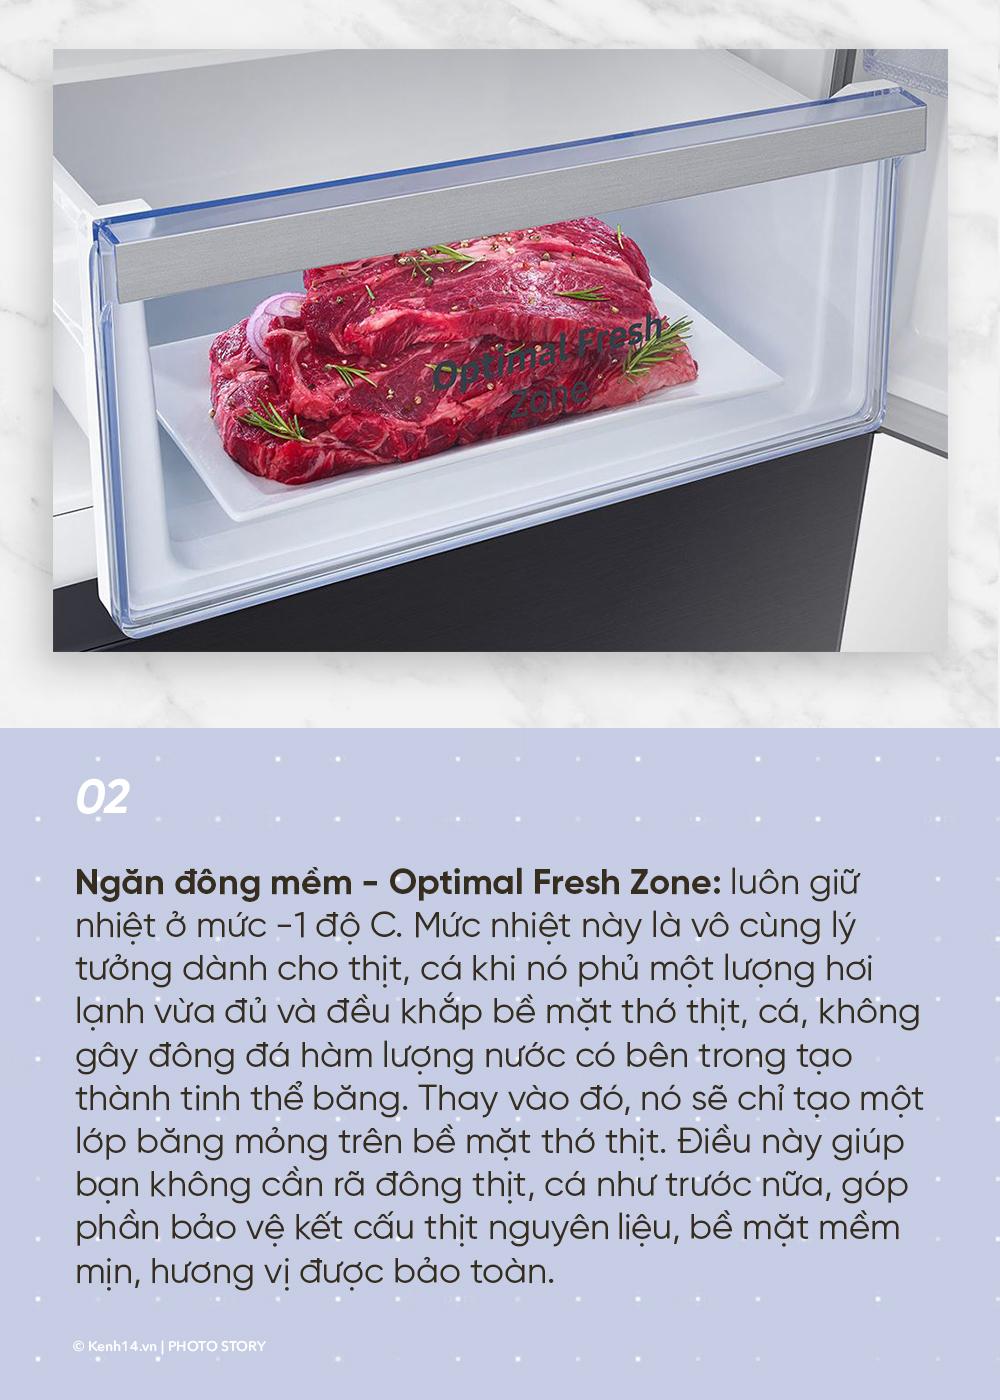 6+1 ưu điểm không thể phủ nhận của chiếc tủ lạnh -1 độ C - Ảnh 2.